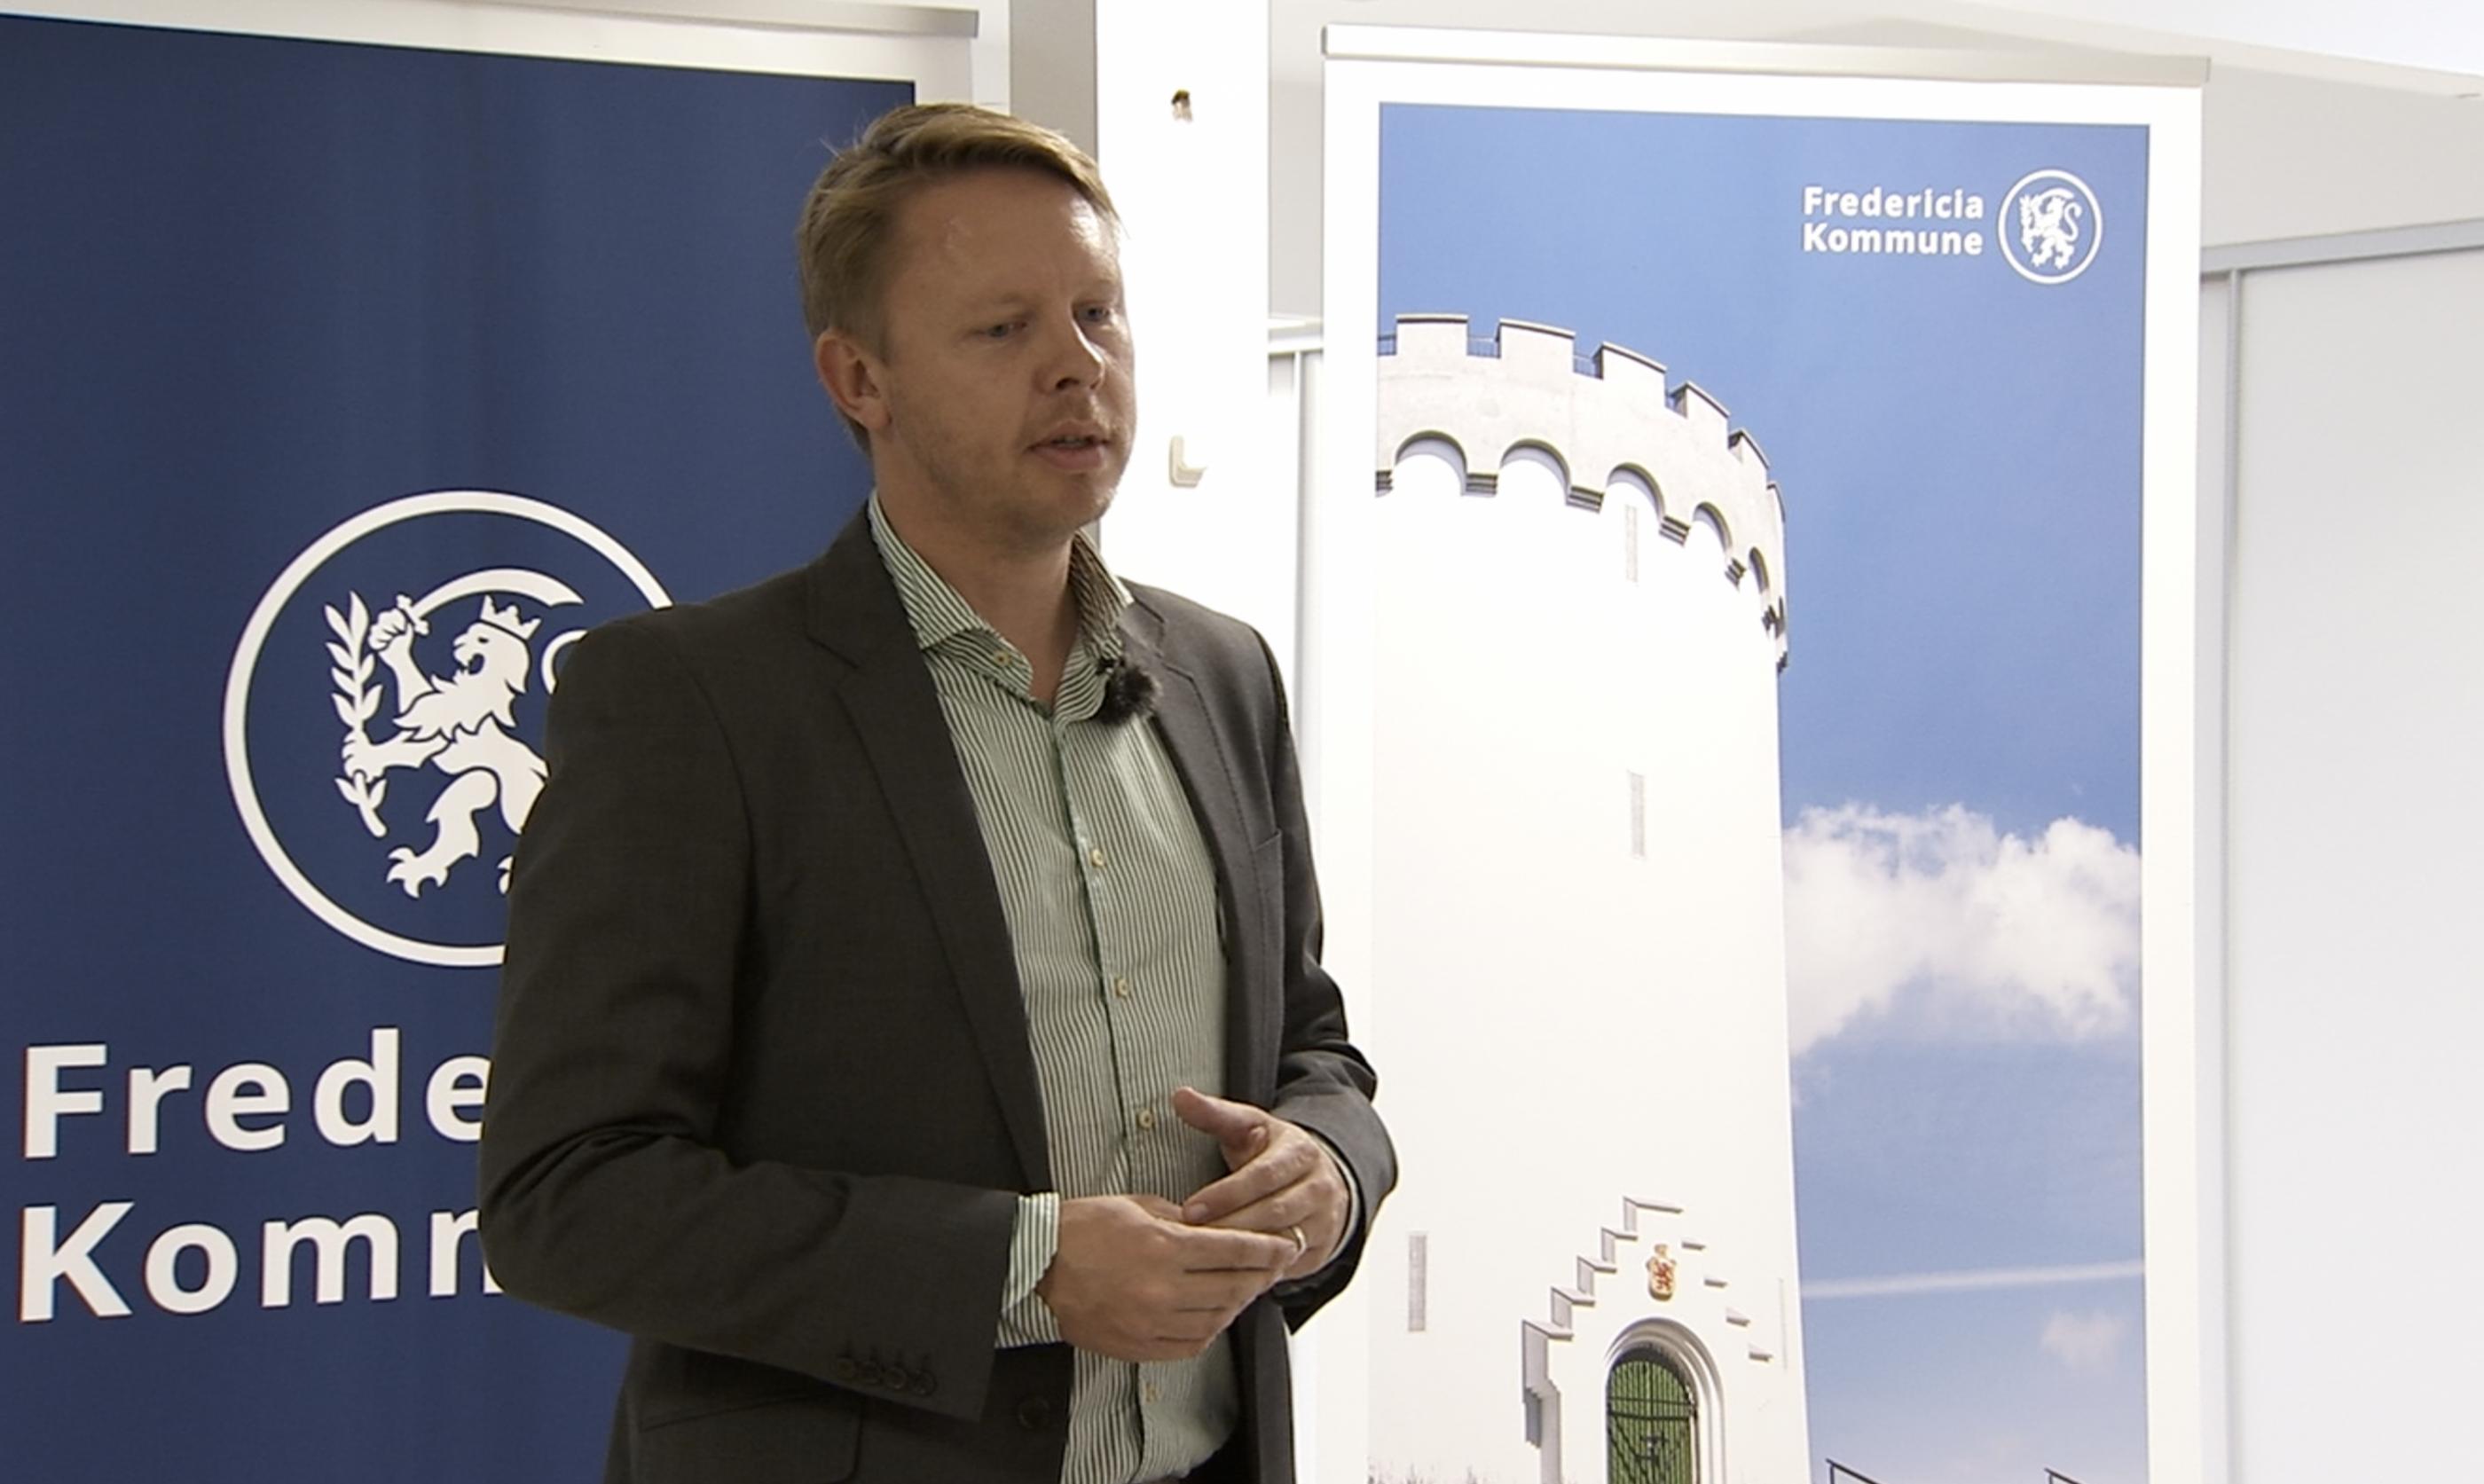 SE VIDEO : BORGMESTEREN FREMLÆGGER HOVEDTRÆK I BUDGETAFTALE